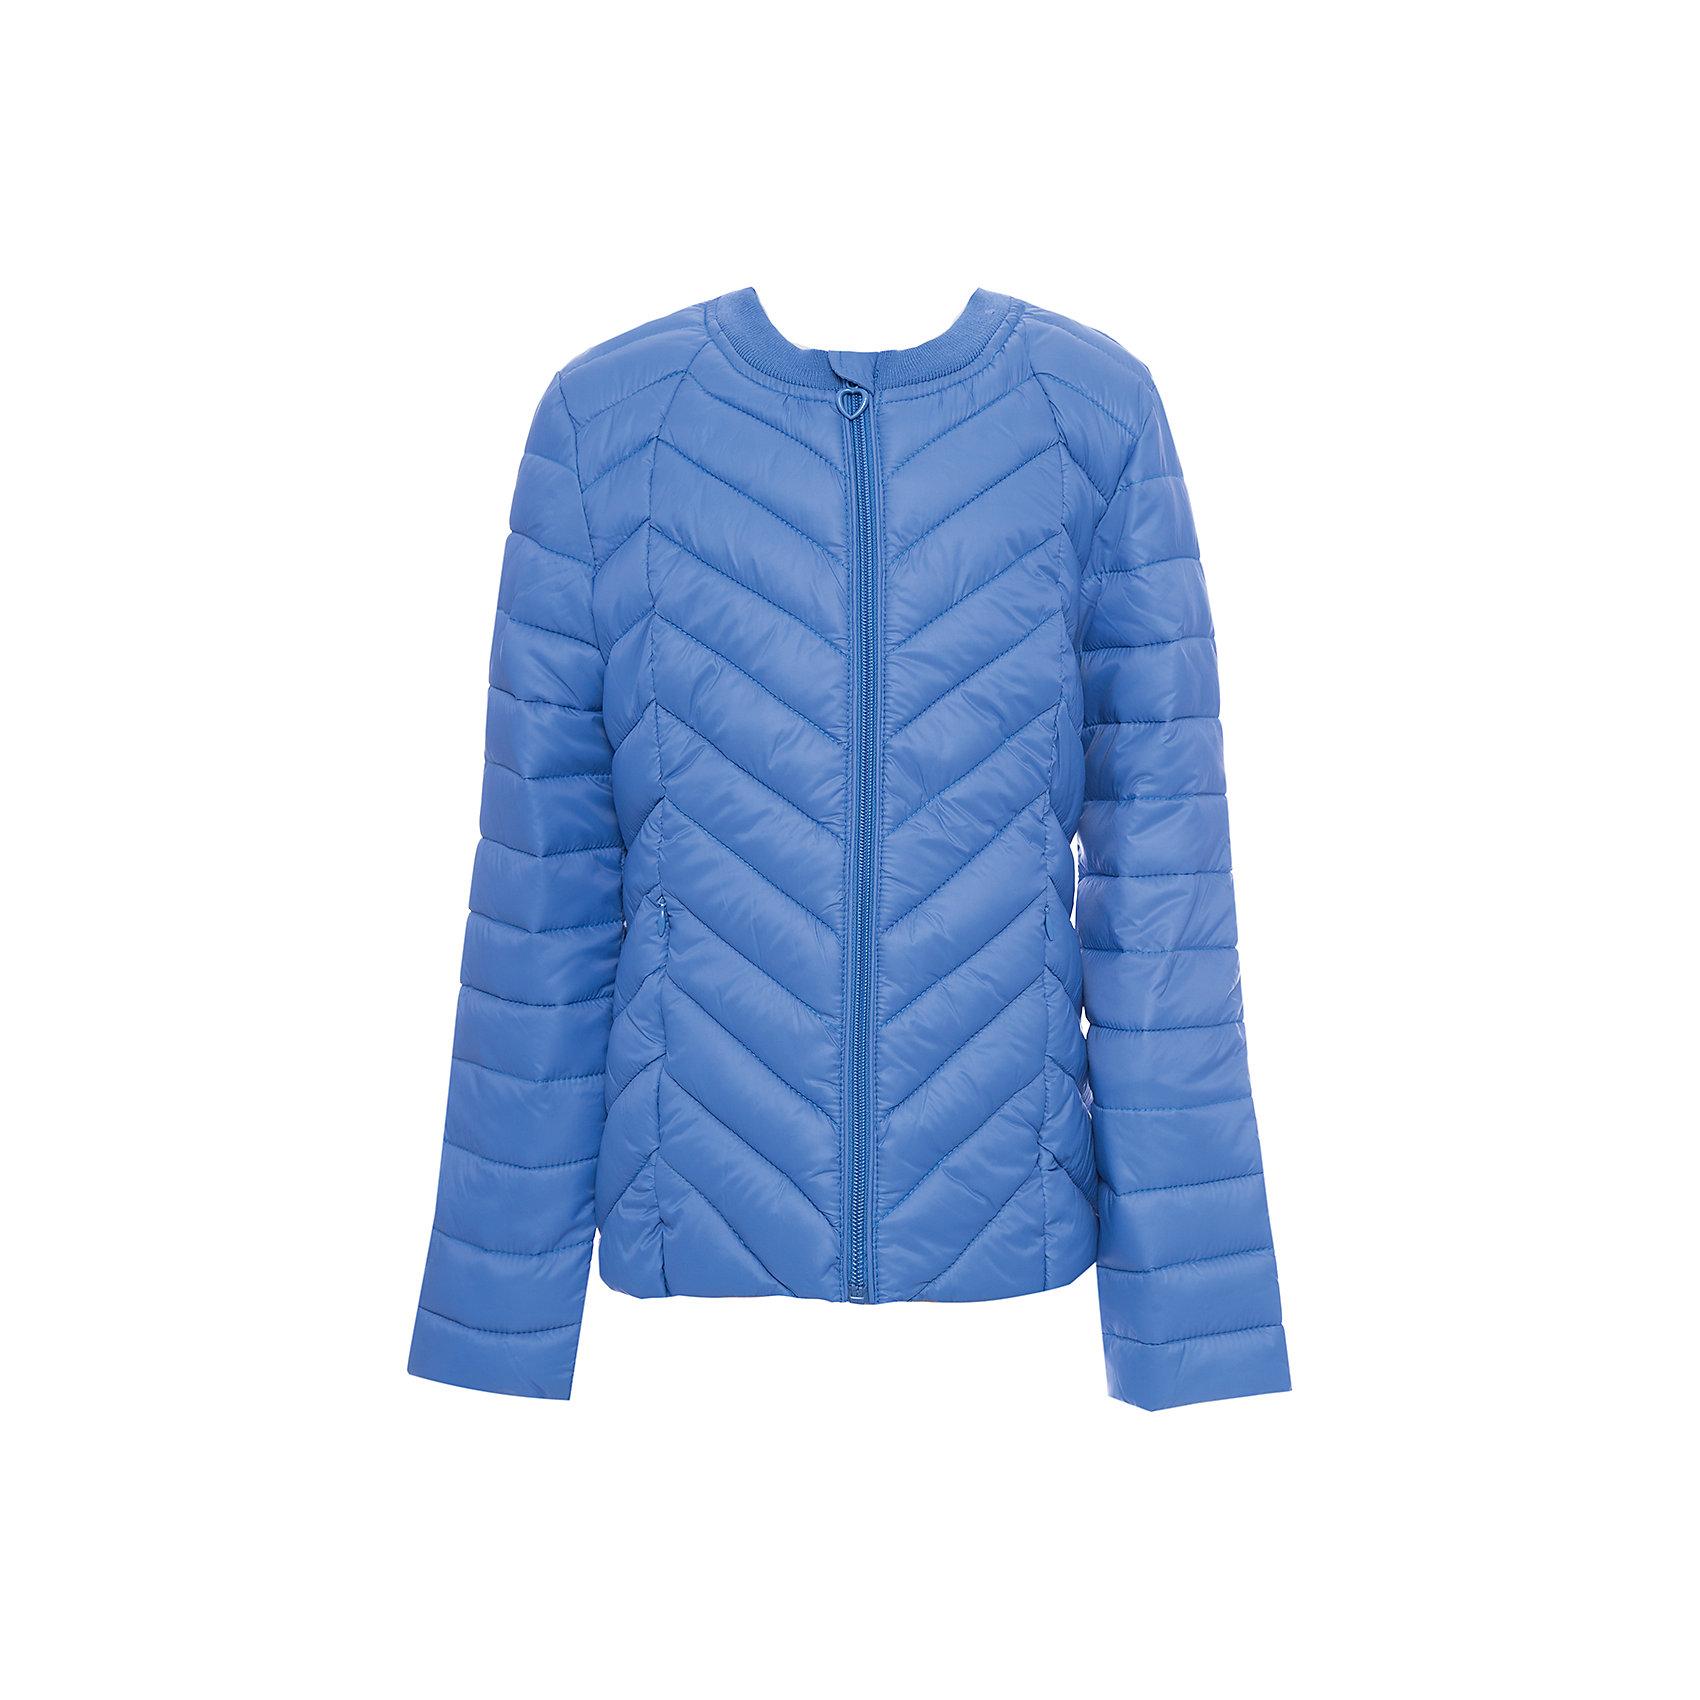 Куртка текстильная для девочки ScoolВерхняя одежда<br>Куртка текстильная для девочки Scool<br>Практичная утепленная стеганая куртка прекрасно подойдет для прогулок в прохладную погоду. Модель с удлиненной спинкой. Горловина из мягкой трикотажной резинки. Специальный карман для фиксации бегунка на молнии не позволит застежке травмировать нежную детскую кожу. Подкладка куртки из яркой ткани с цветочным рисунком.Преимущества: Модель из яркой ткани с водоотталкивающей пропиткойСветоотражающие элементы на рукаве и по низу изделияВшивные карманы на молнии<br>Состав:<br>Верх: 100% нейлон, подкладка: 100% полиэстер, наполнитель: 100% полиэстер, 150 г<br><br>Ширина мм: 356<br>Глубина мм: 10<br>Высота мм: 245<br>Вес г: 519<br>Цвет: синий<br>Возраст от месяцев: 156<br>Возраст до месяцев: 168<br>Пол: Женский<br>Возраст: Детский<br>Размер: 164,122,128,134,140,146,152,158<br>SKU: 6754662